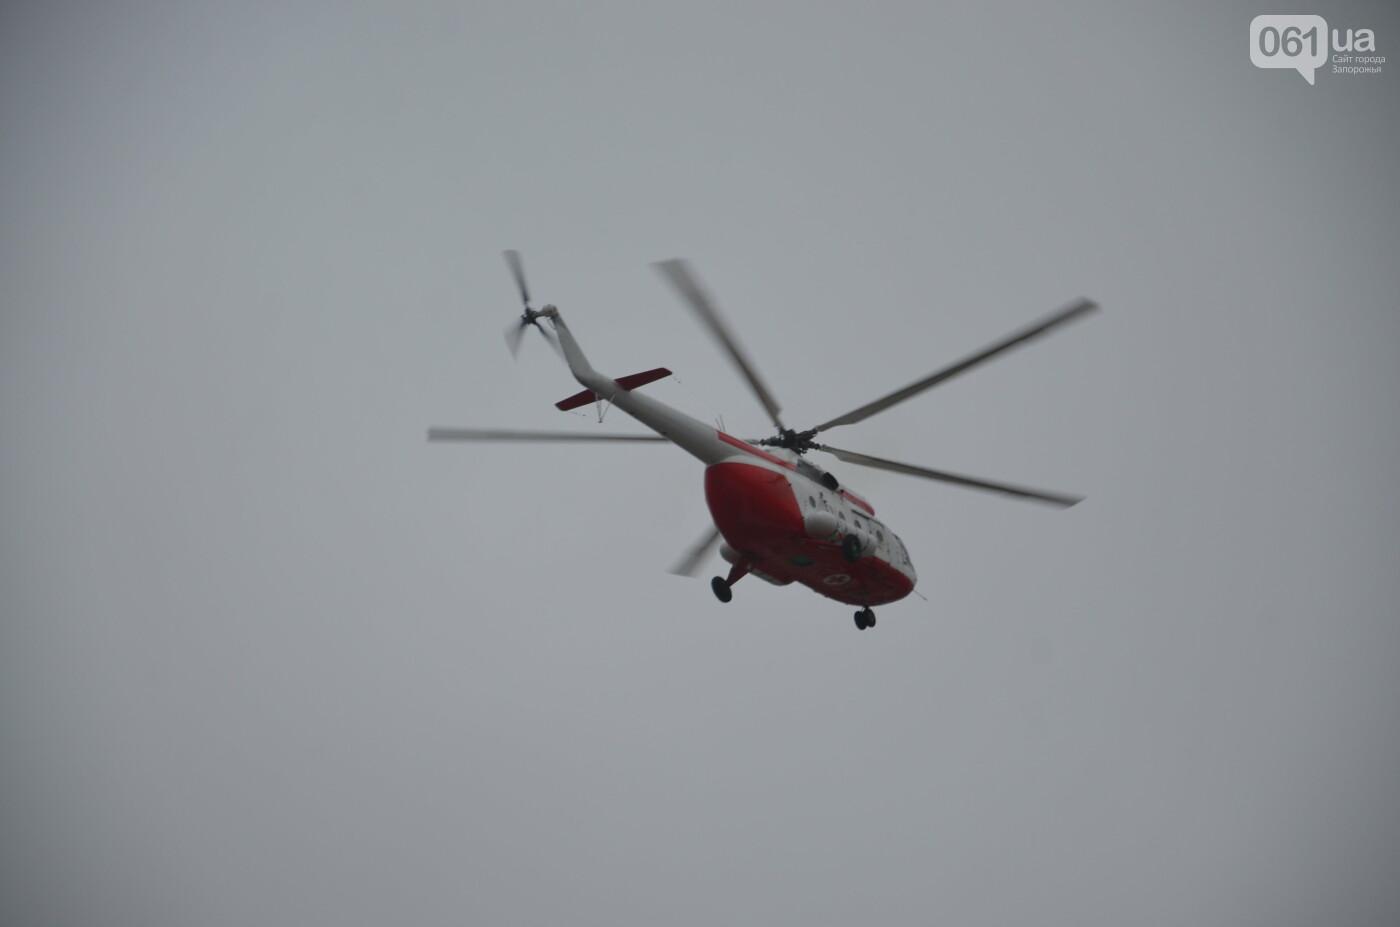 В Запорожье прошли первые испытания новых лопастей для военных вертолетов, - ФОТО, фото-21